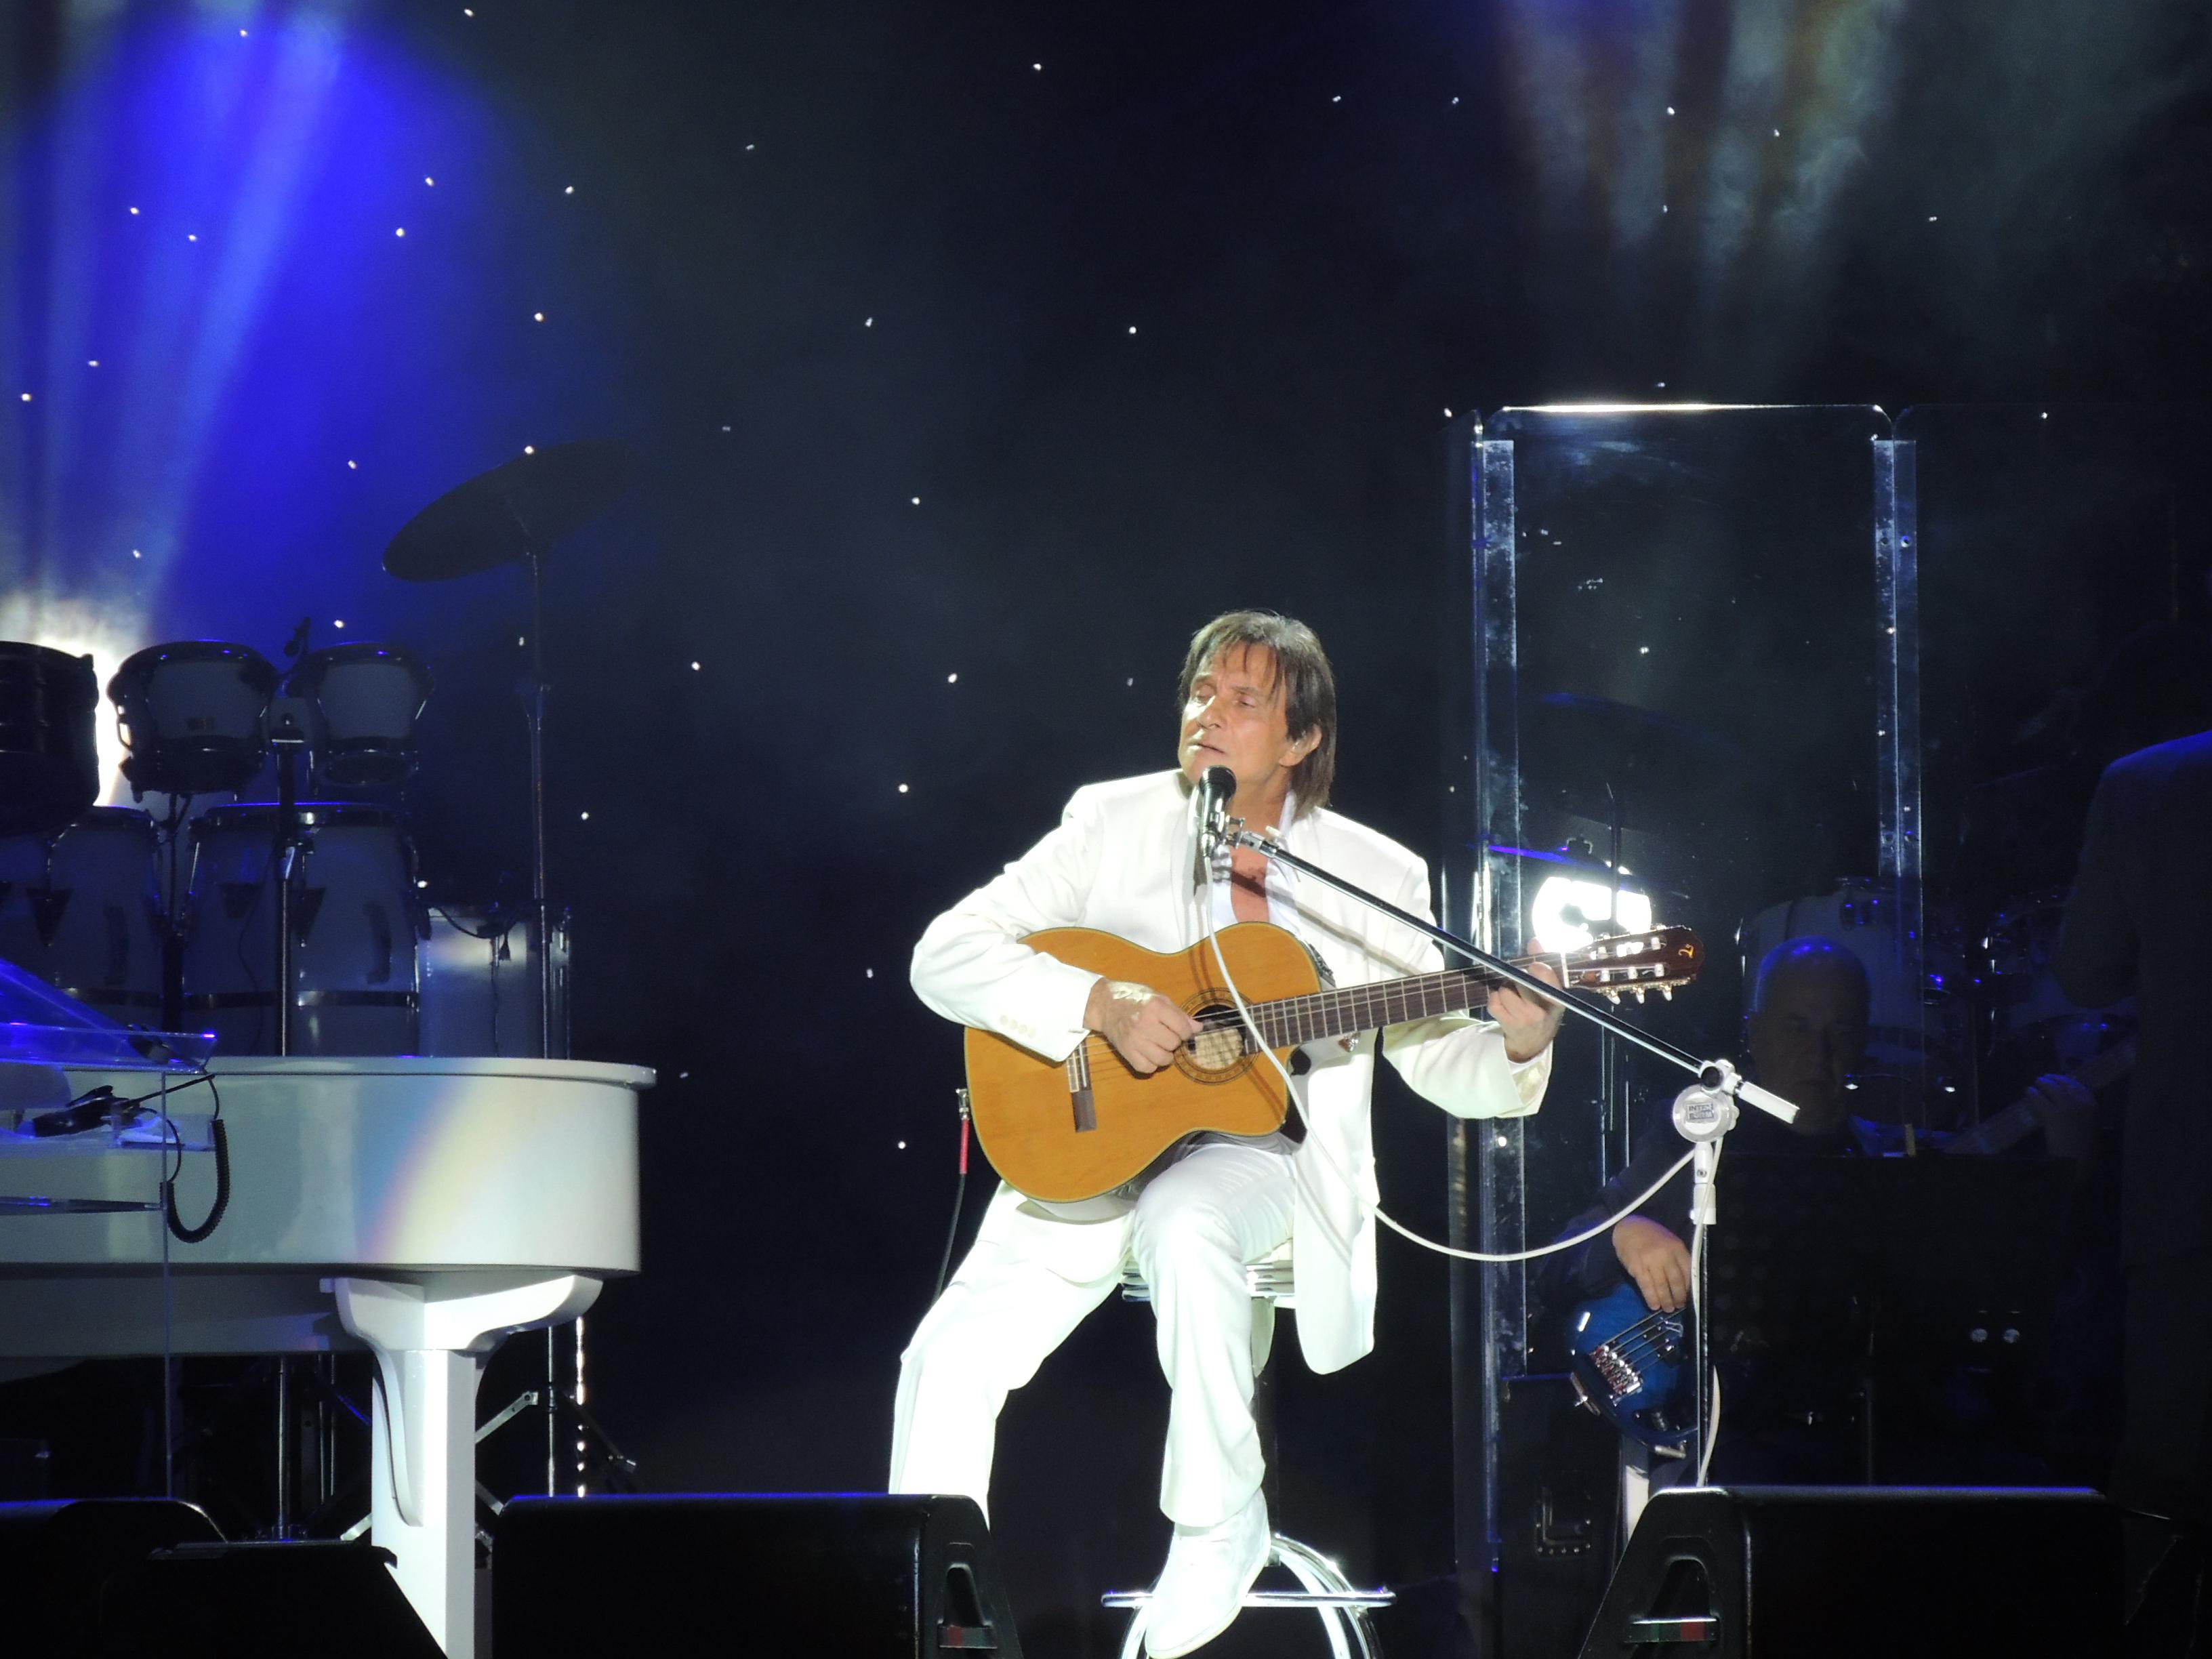 Roberto Carlos levou o violão para o palco